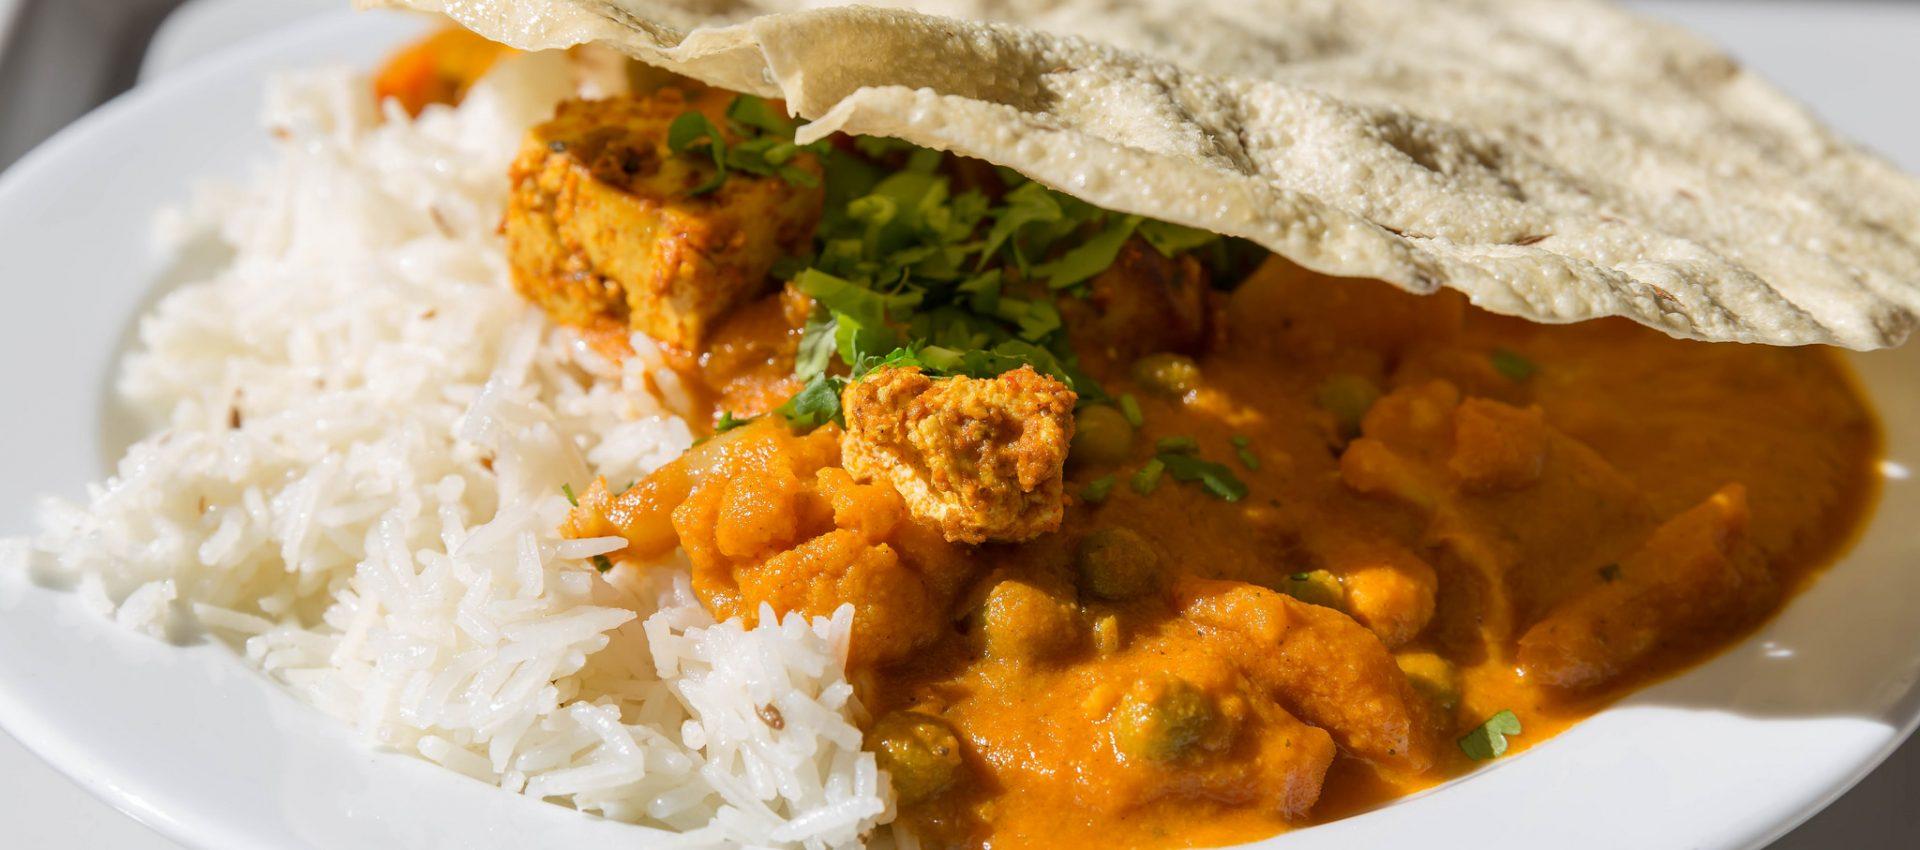 Aiguillettes de poulet au curry et son riz basmati WW au cookeo